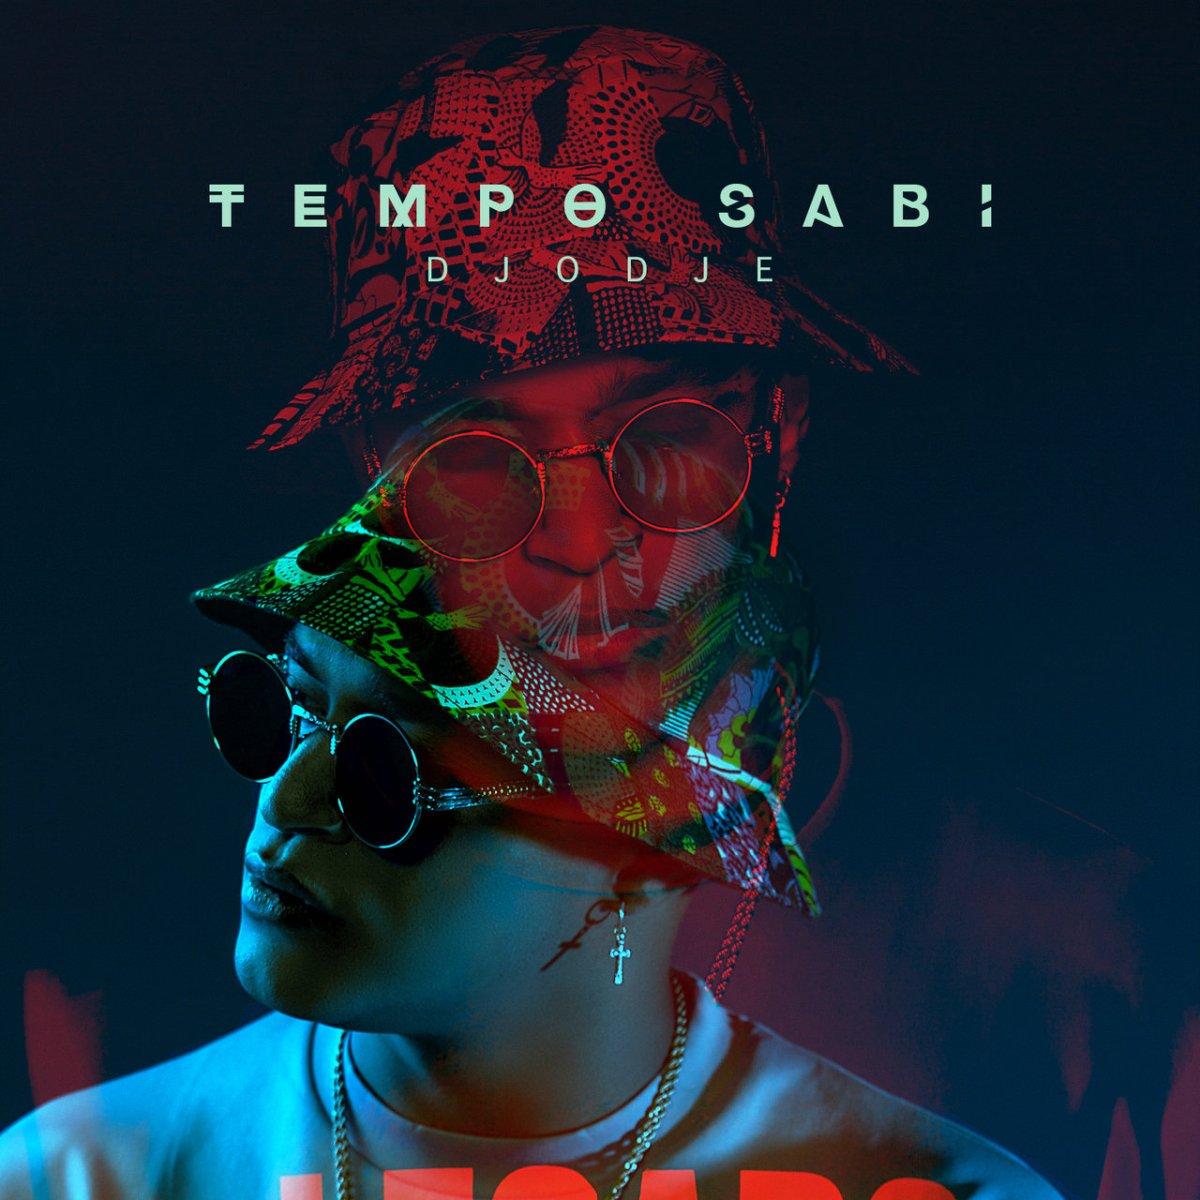 Djodje - Tempo Sabi (Cover)